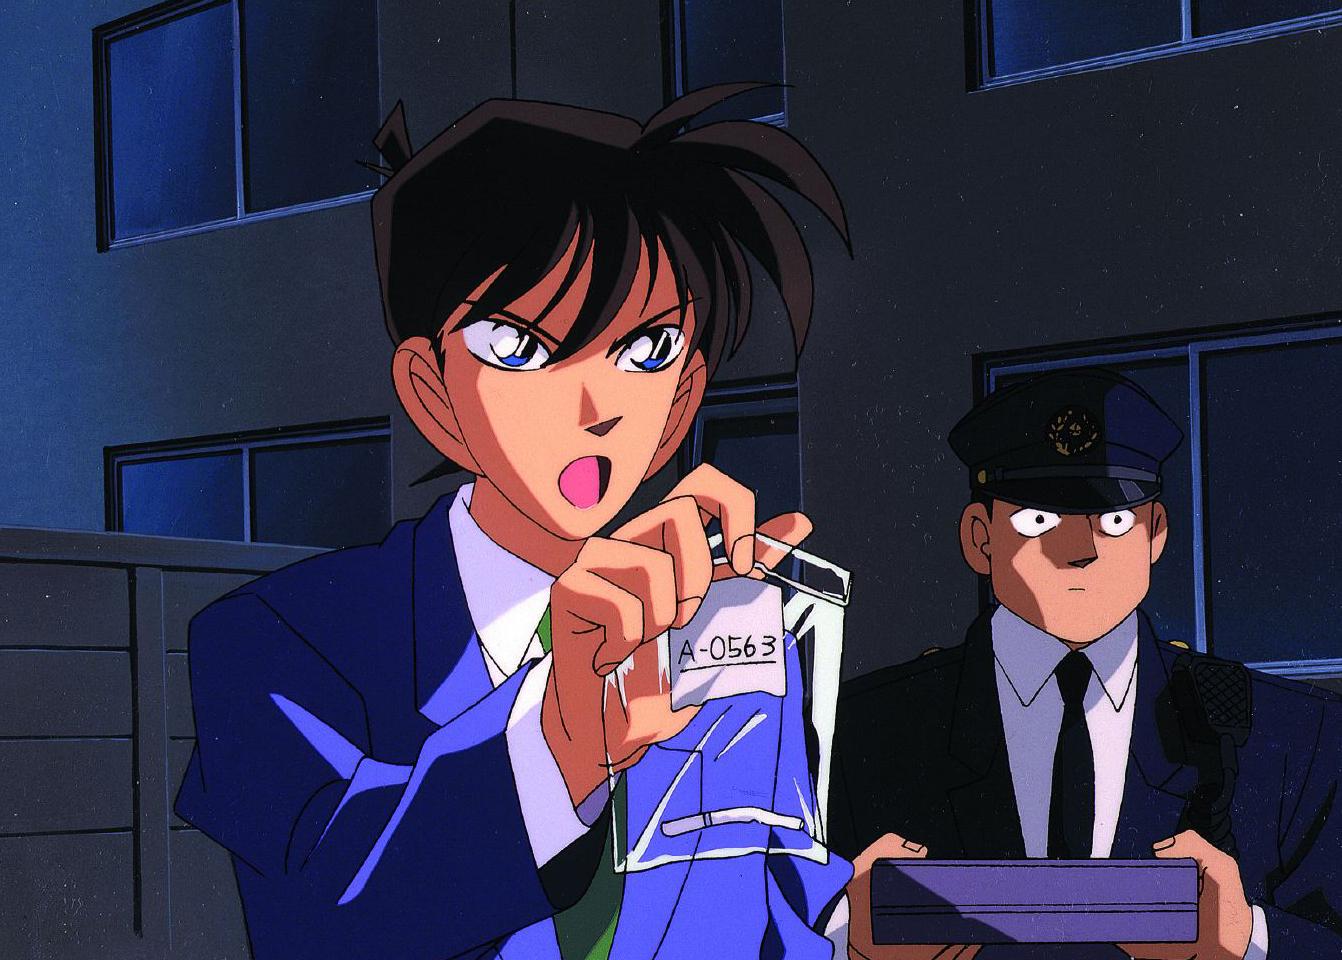 Die Mangareihe Detektiv Conan Von Gosho Aoyama Wird Seit 1994 Publiziert Und Zahlt Bereits 94 Bande Damit Ist Es Eine Der Umfangreichsten Serien